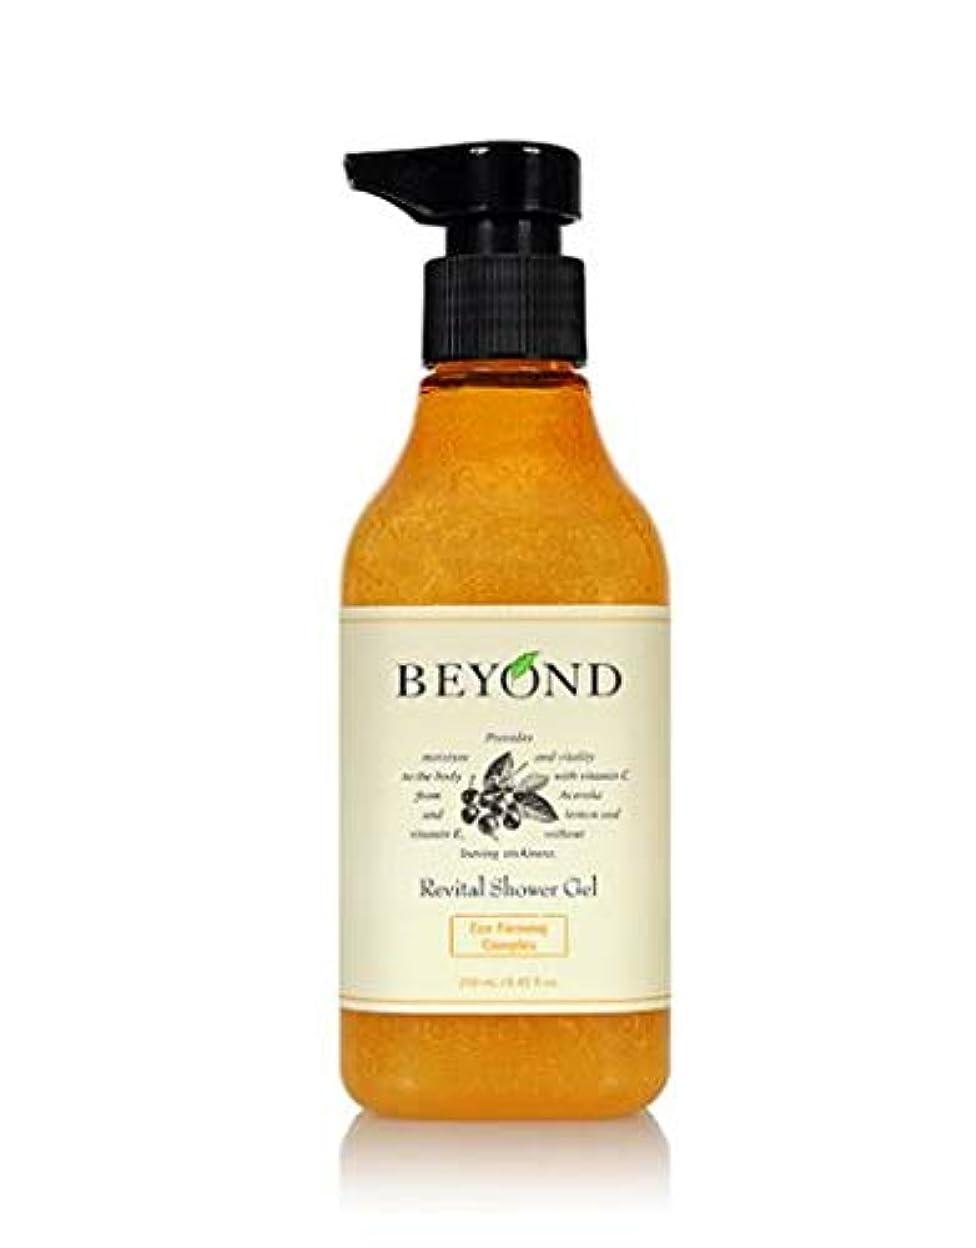 [ビヨンド] BEYOND [リバイタル シャワージェル 250ml] Revital Shower Gel 250ml [海外直送品]